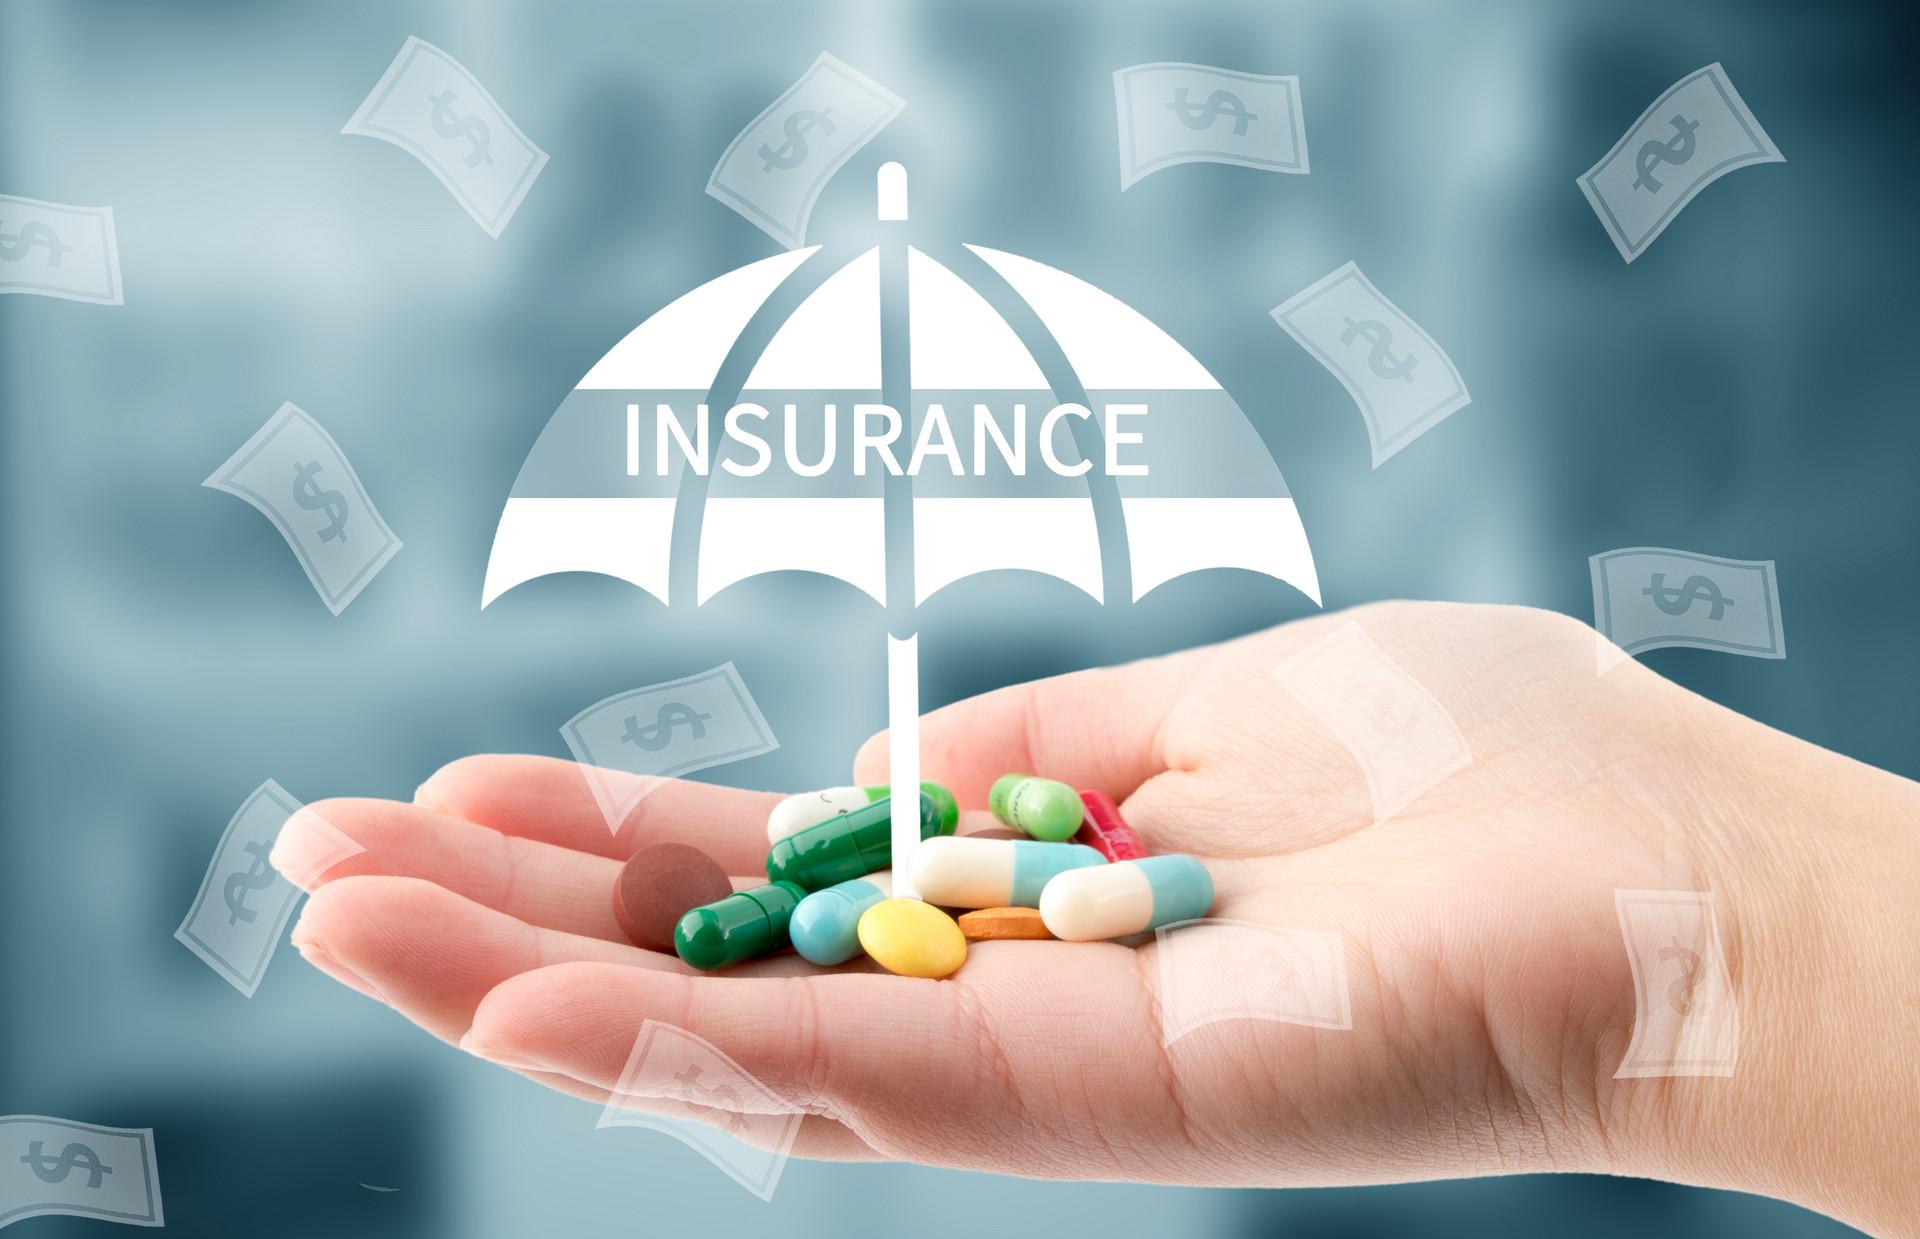 商业医疗保险有必要买吗